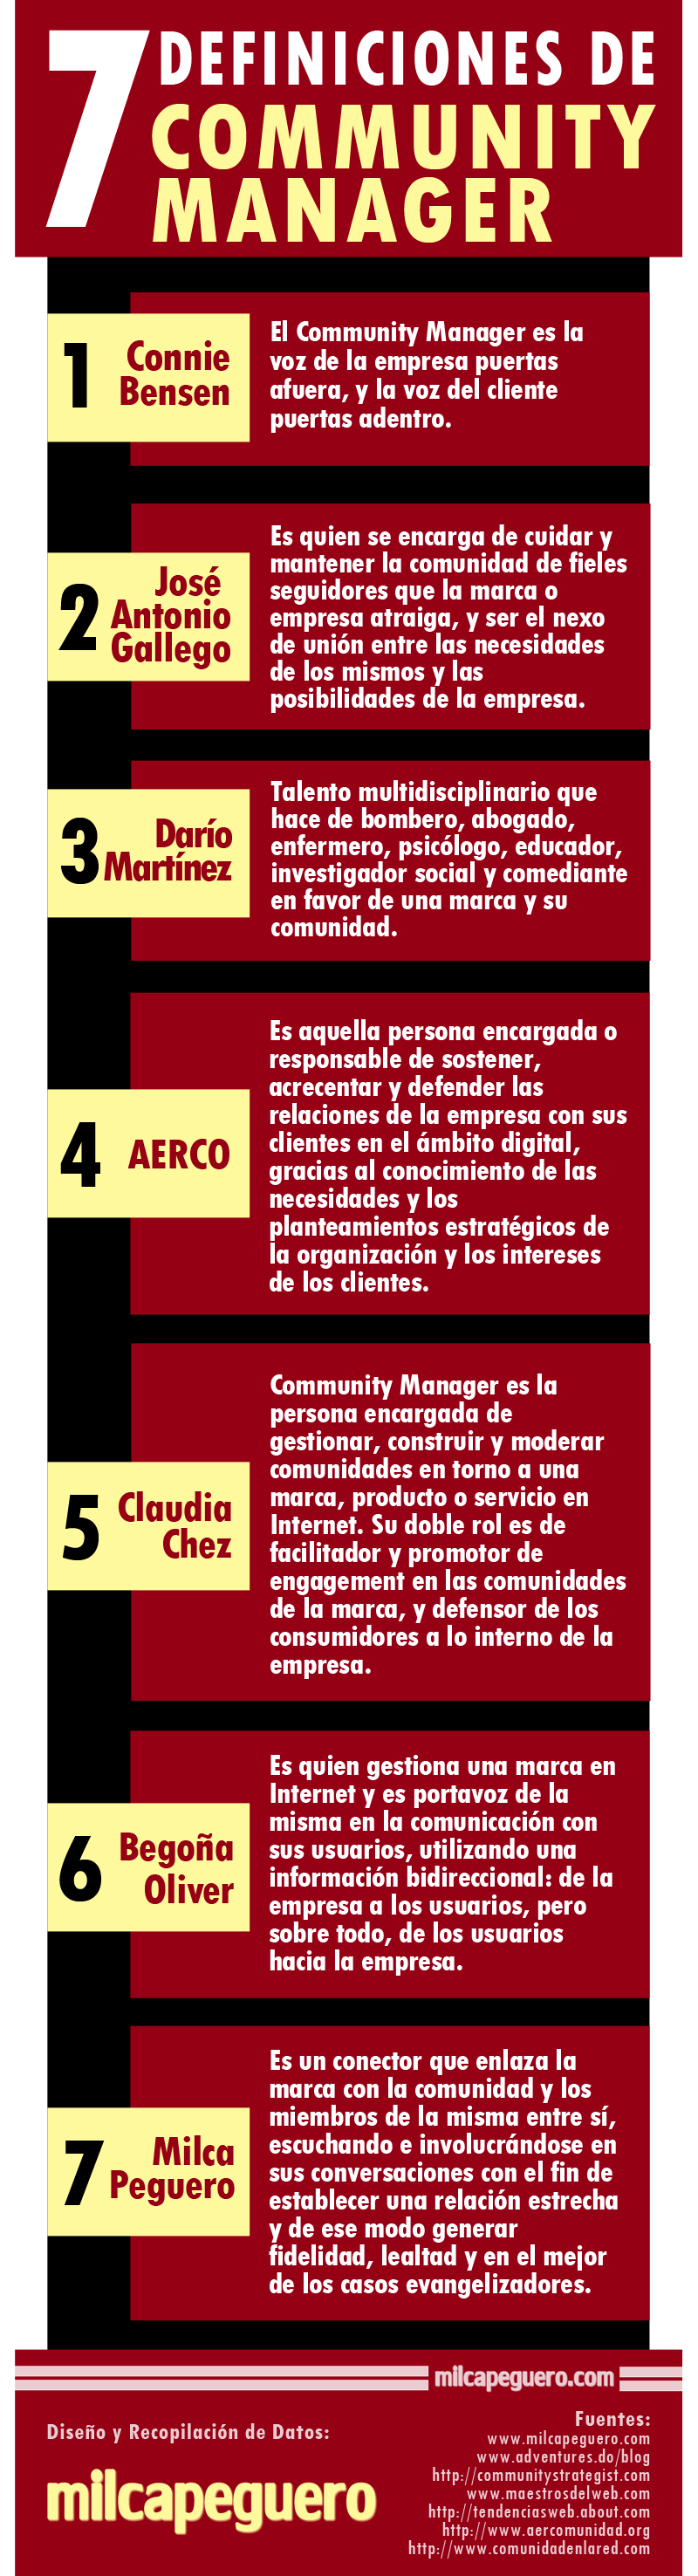 7 definiciones del Community Manager